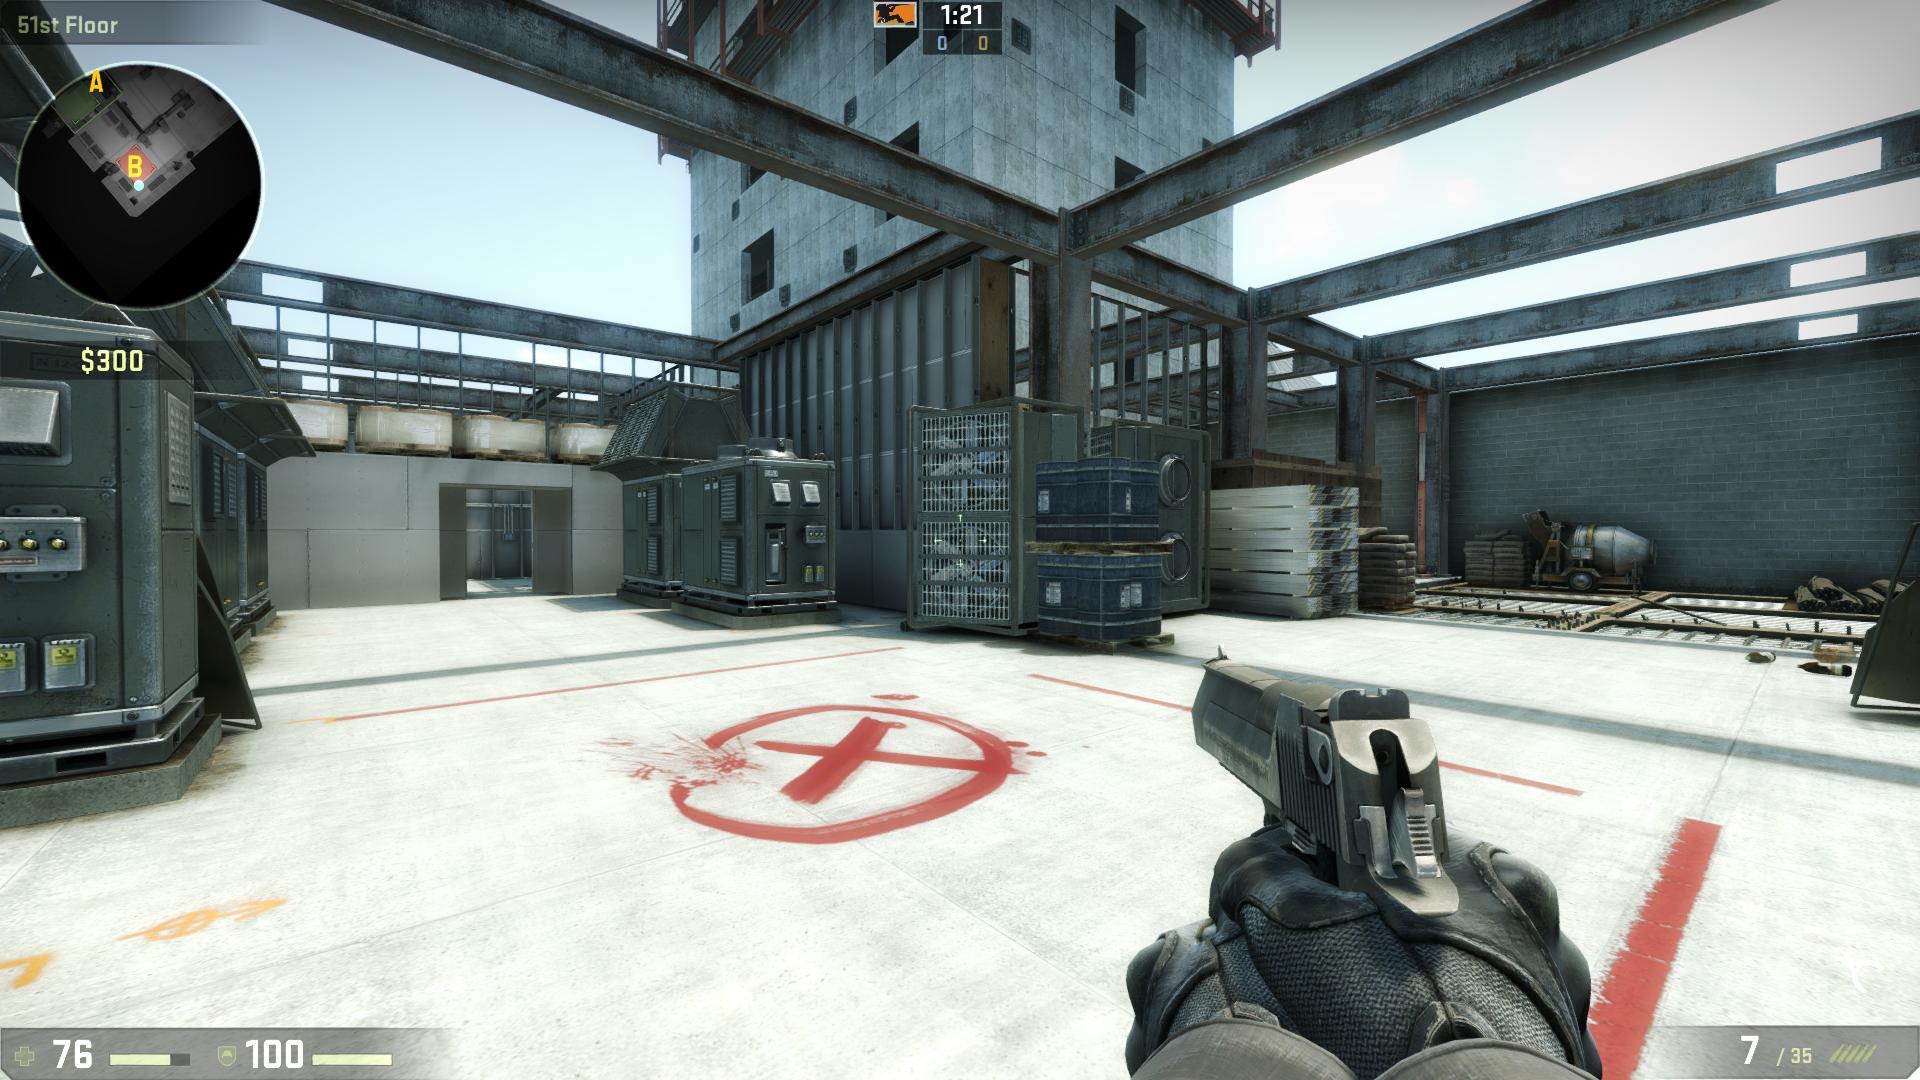 csgo de_vertigo csgo screenshot - Gamingcfg com